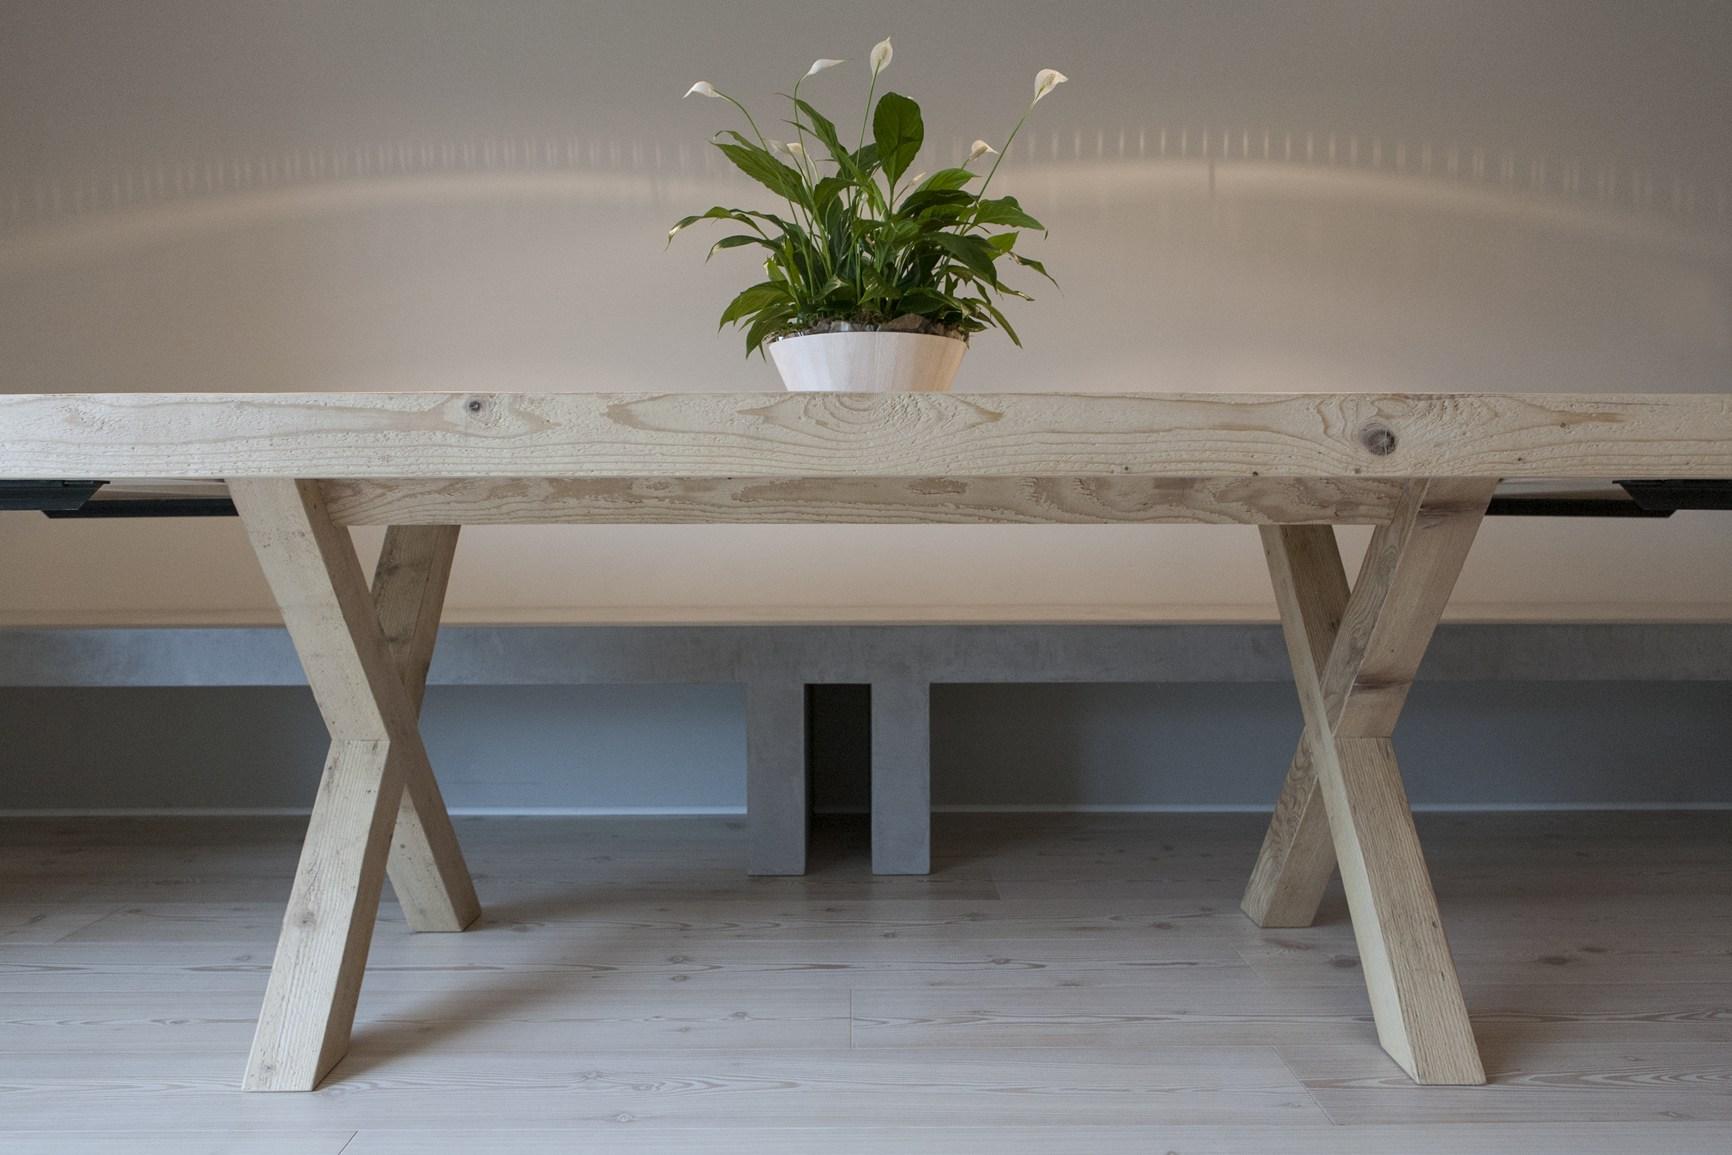 Legno di recupero tessuto grezzo superfici in cemento - Tavoli in legno grezzo ...